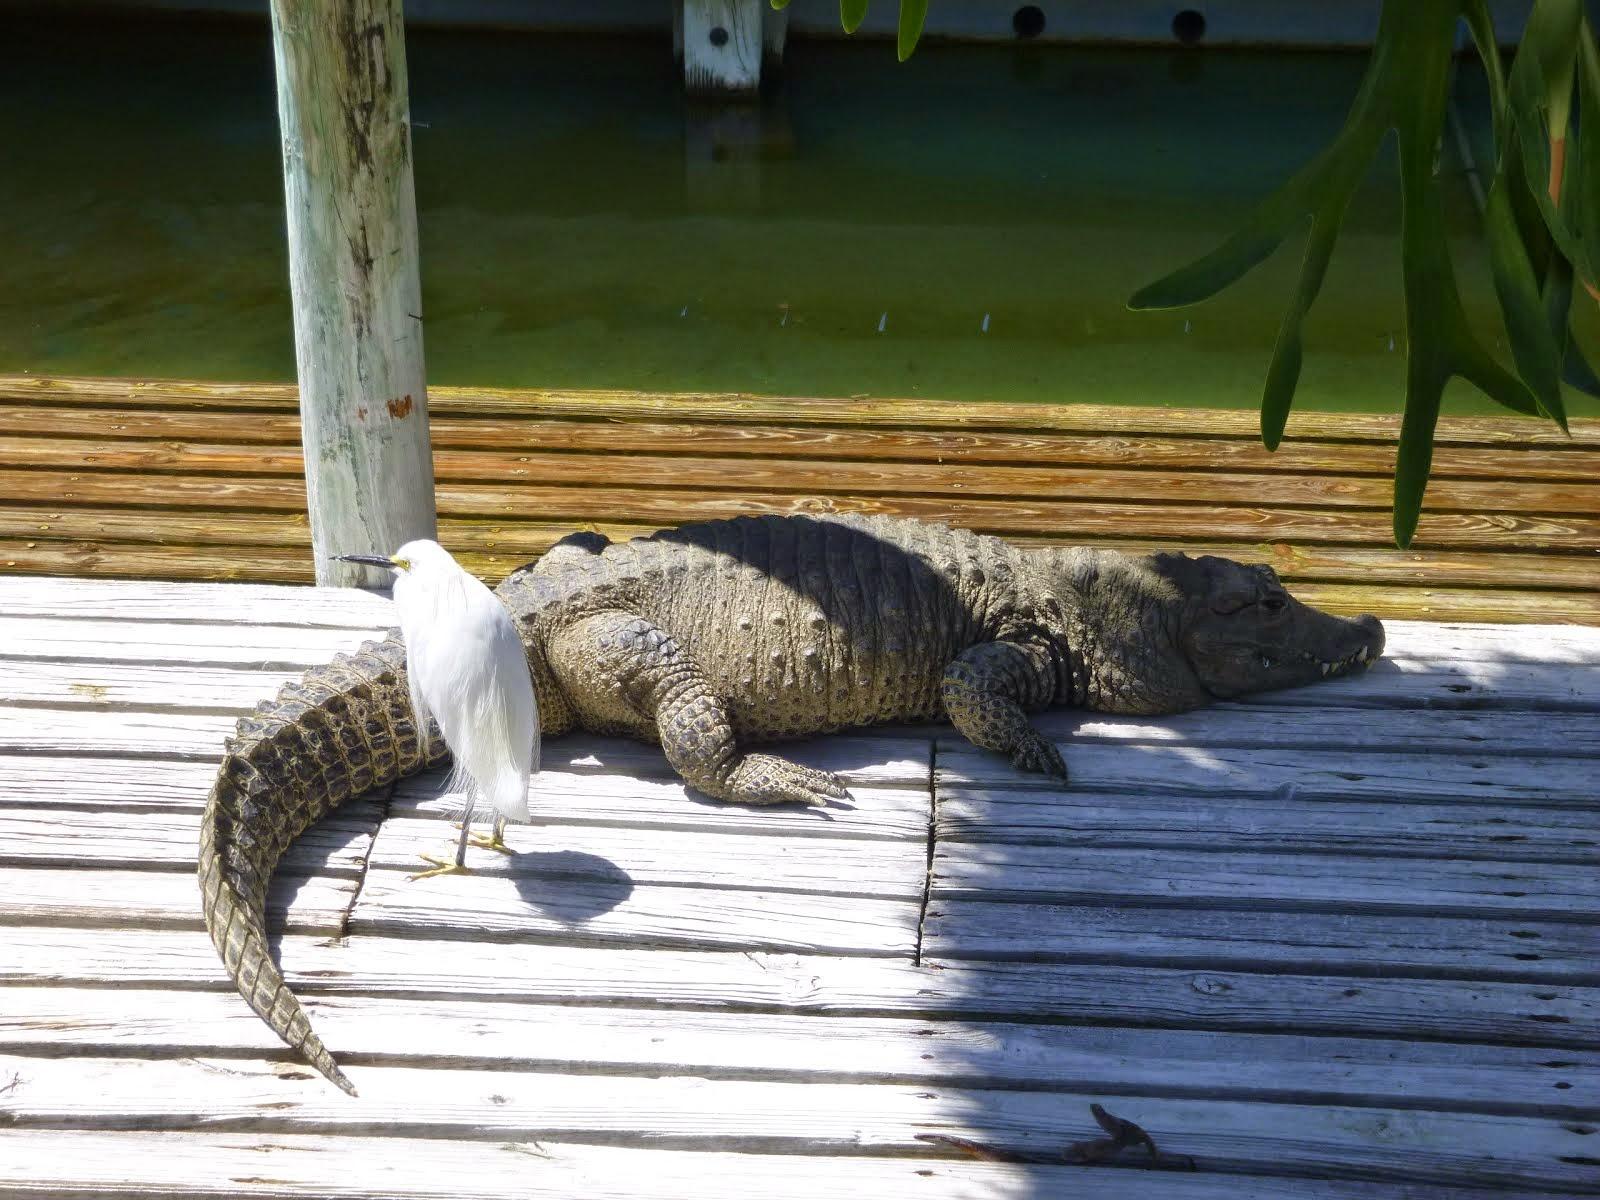 Un vrai alligator floridien... il fait la sieste !